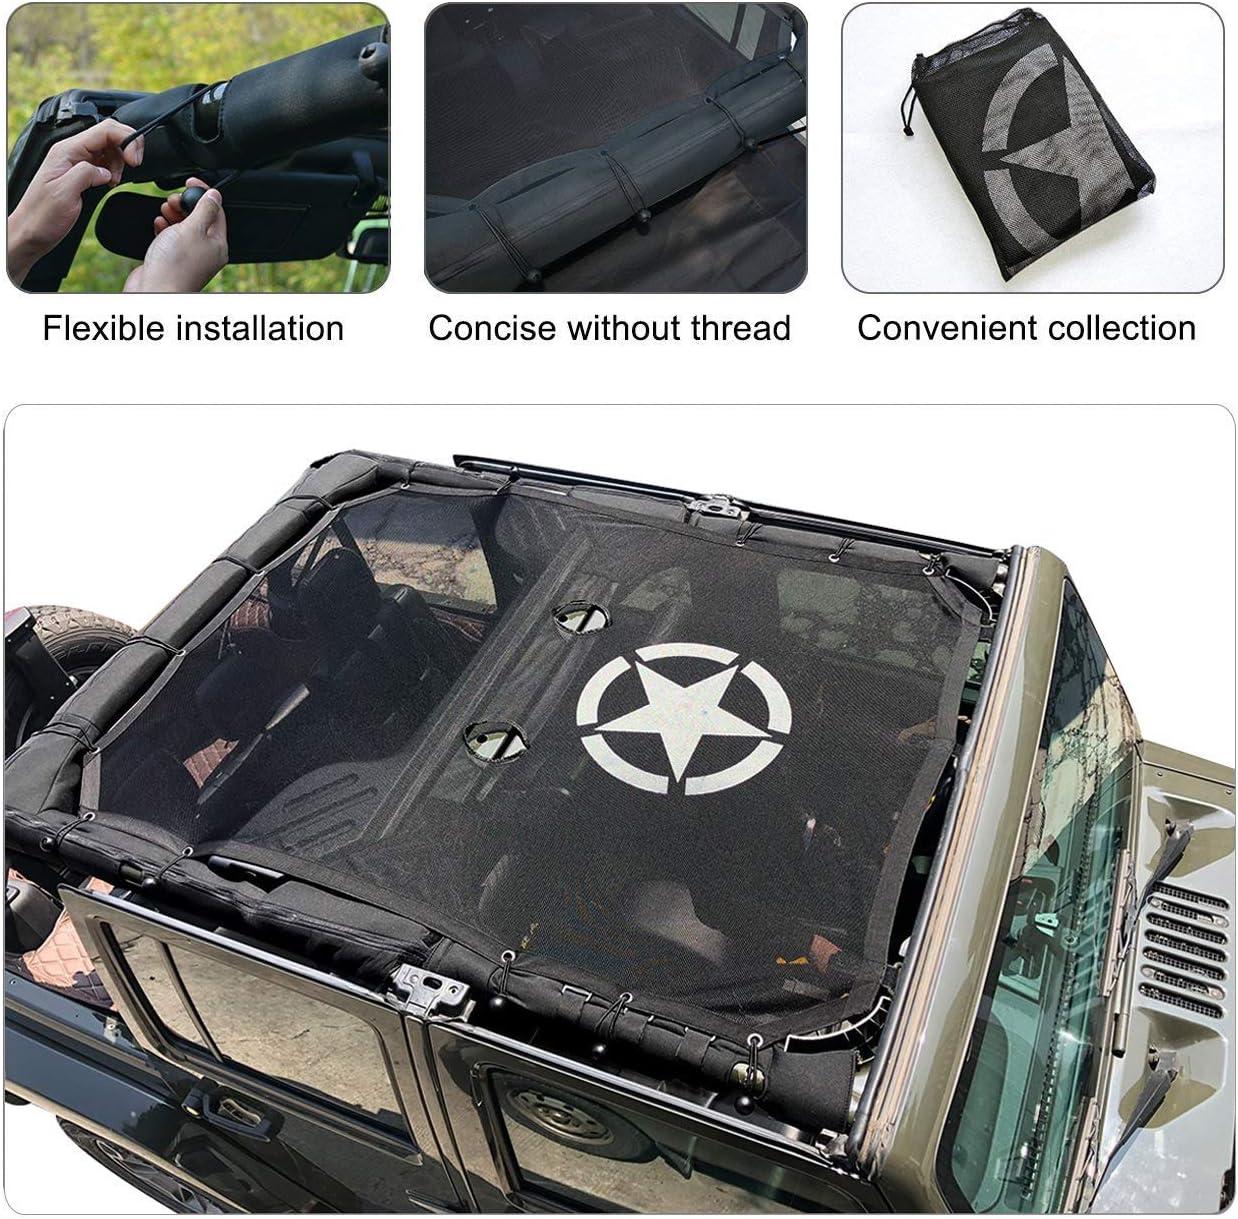 L/&U Top Sonnenschutz Dachabdeckung Dach Anti UV Sonnenschutz Mesh Net f/ür Jeep Wrangler JK JKU 2007-2017,Frontseat2door//4door